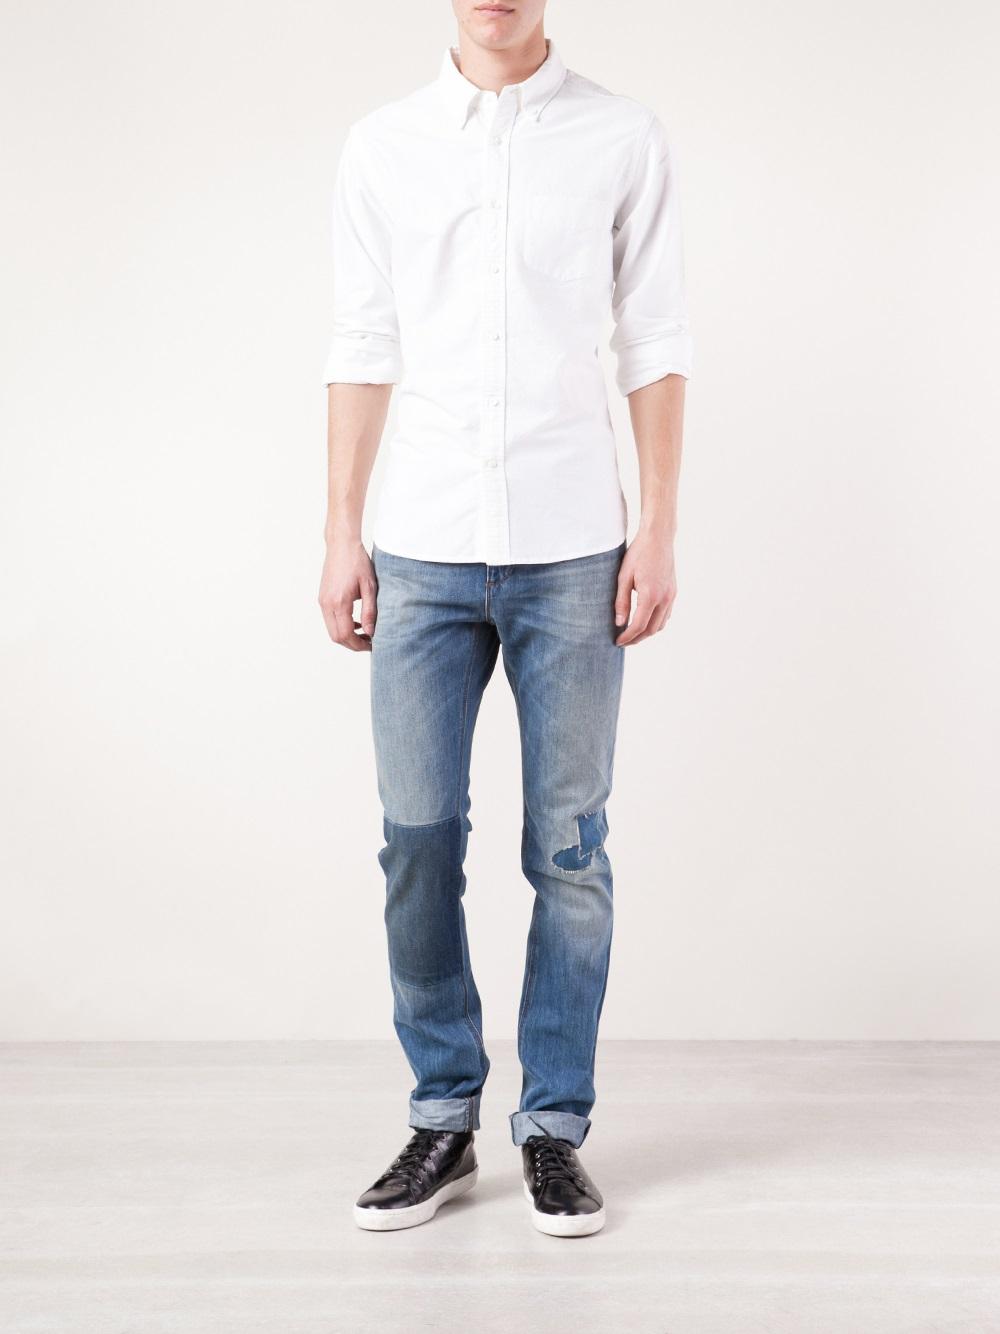 lyst closed cooper jeans in blue for men. Black Bedroom Furniture Sets. Home Design Ideas